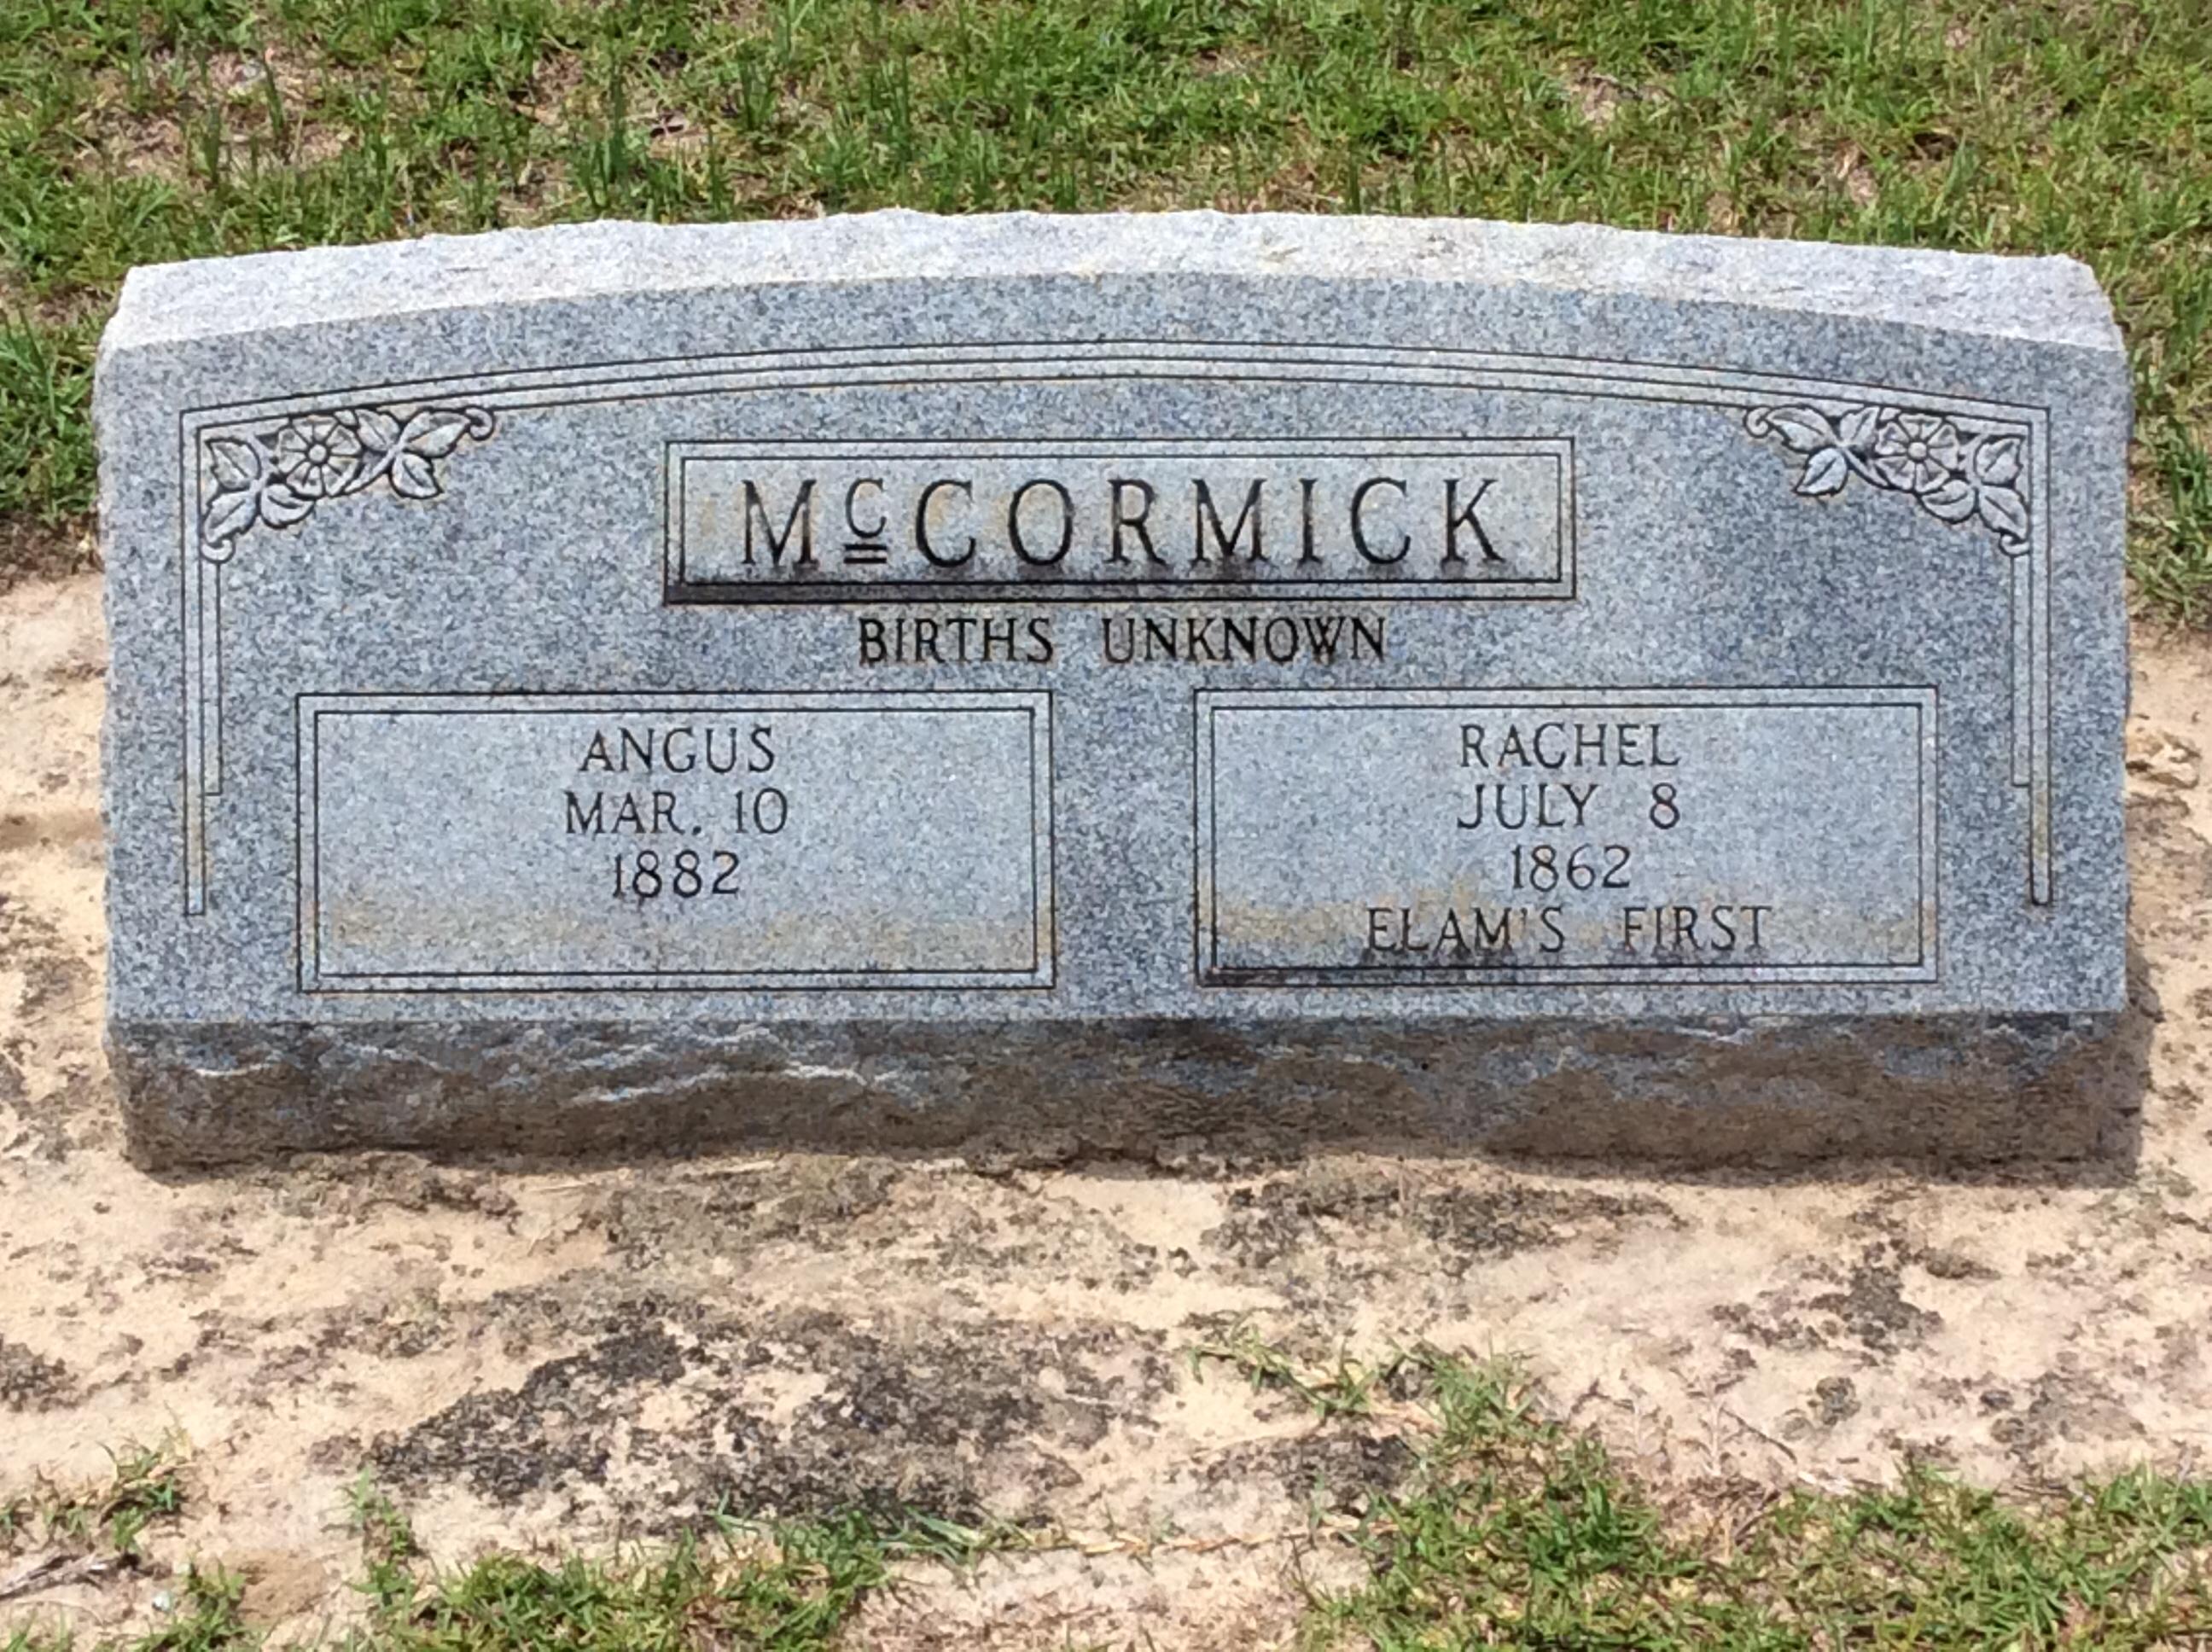 Angus Mccormick